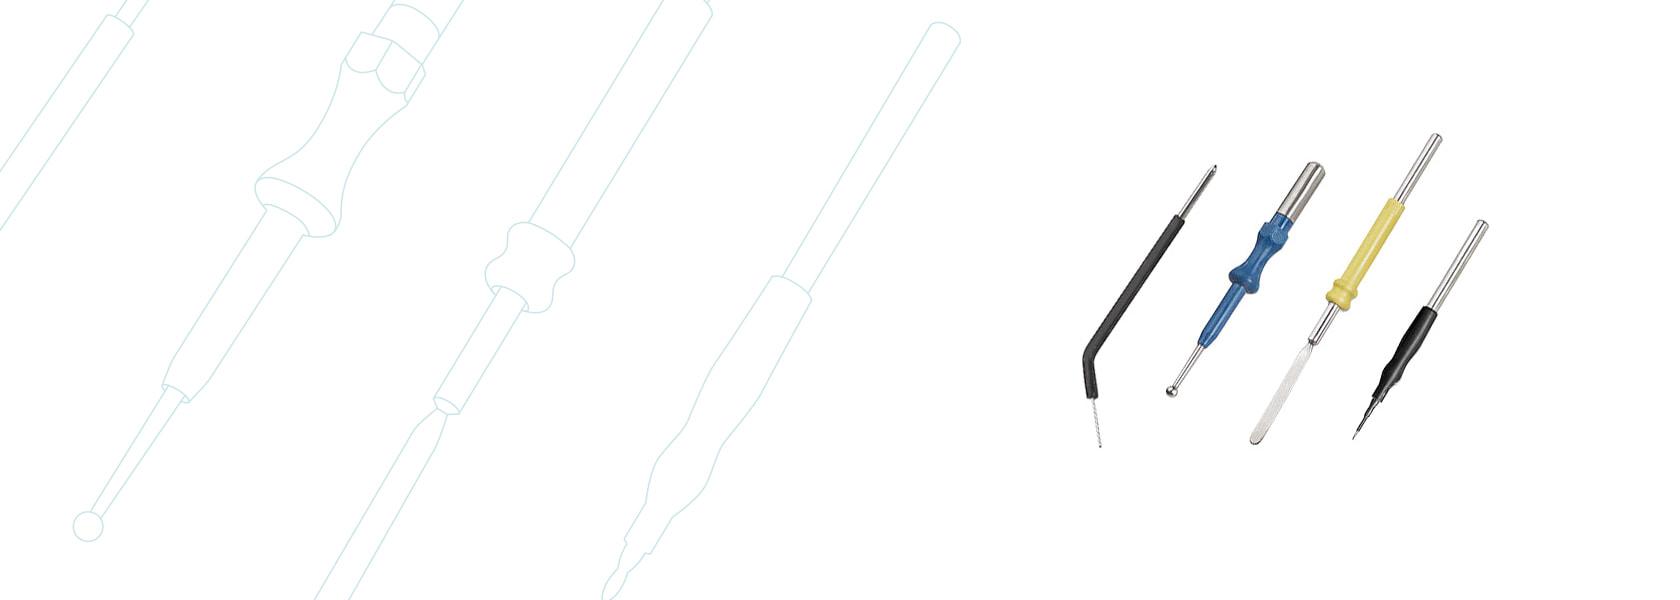 Принадлежности, аксессуары и расходные материалы для электрохирургическим аппаратам KLS Martin